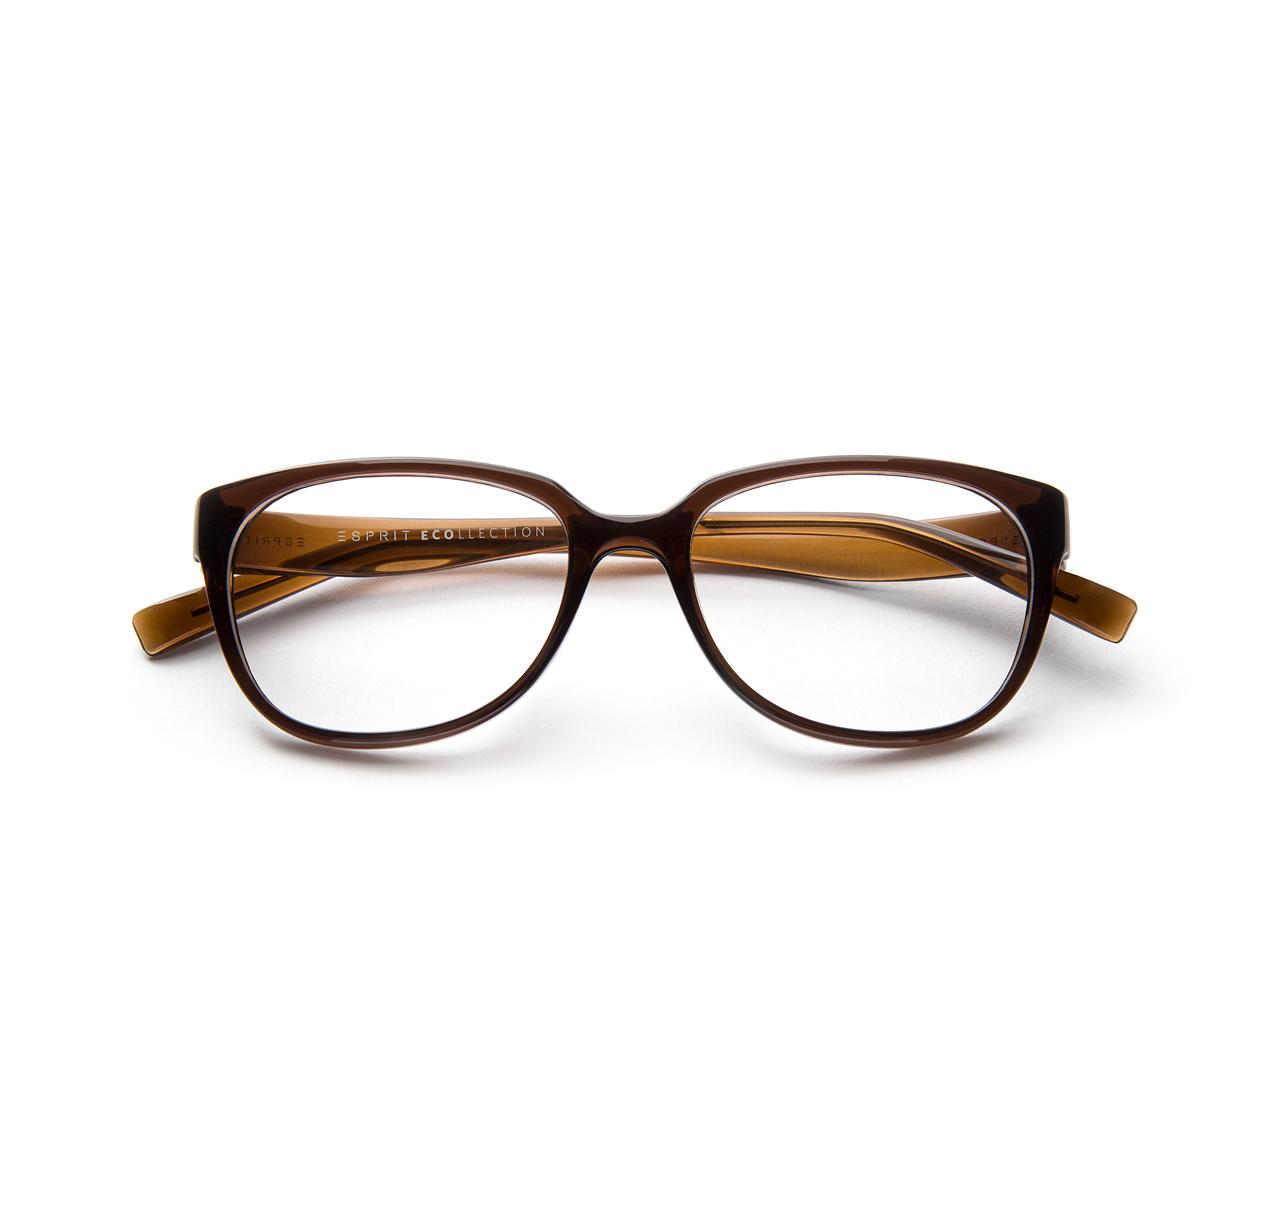 Die neue Brille aus der Ecollection Serie von Esprit